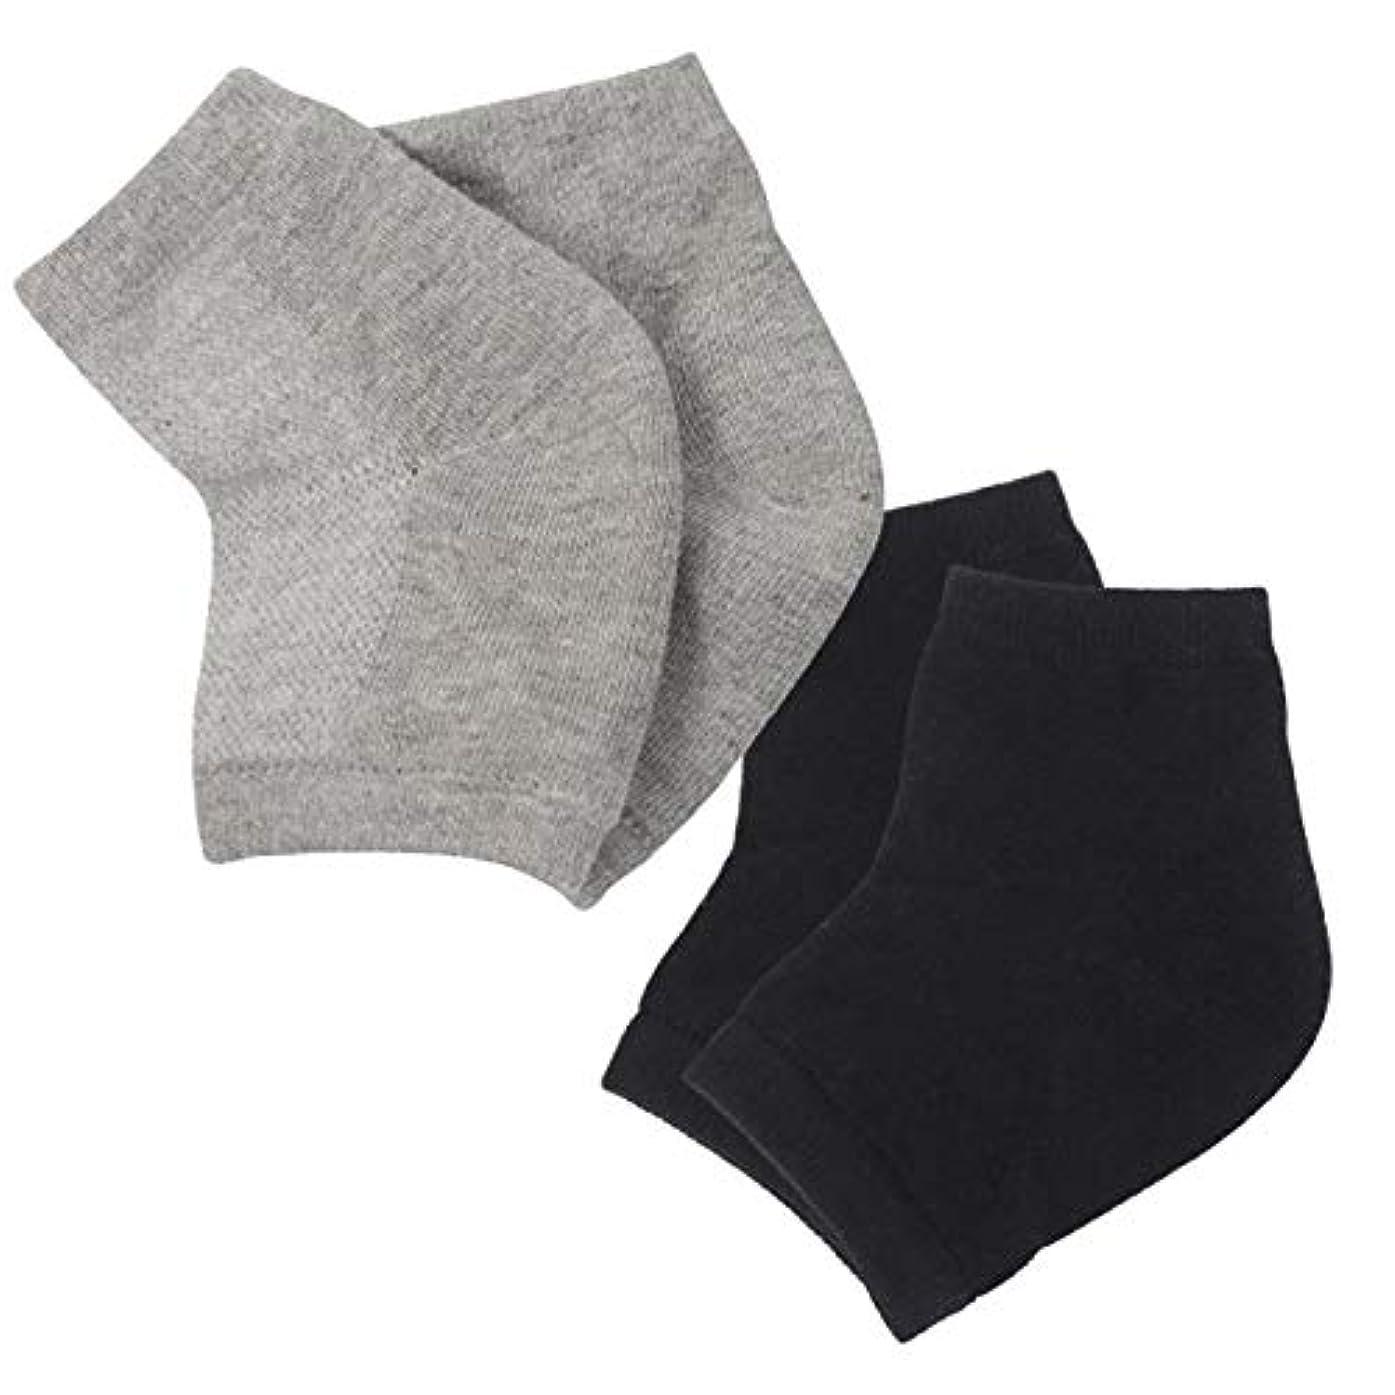 テレマコスドナー窒息させる保湿ソックス ツルツル 乾燥 くだけ 簡単 洗える シリコン 指だし 削らない 2足組セット ブラック グレー